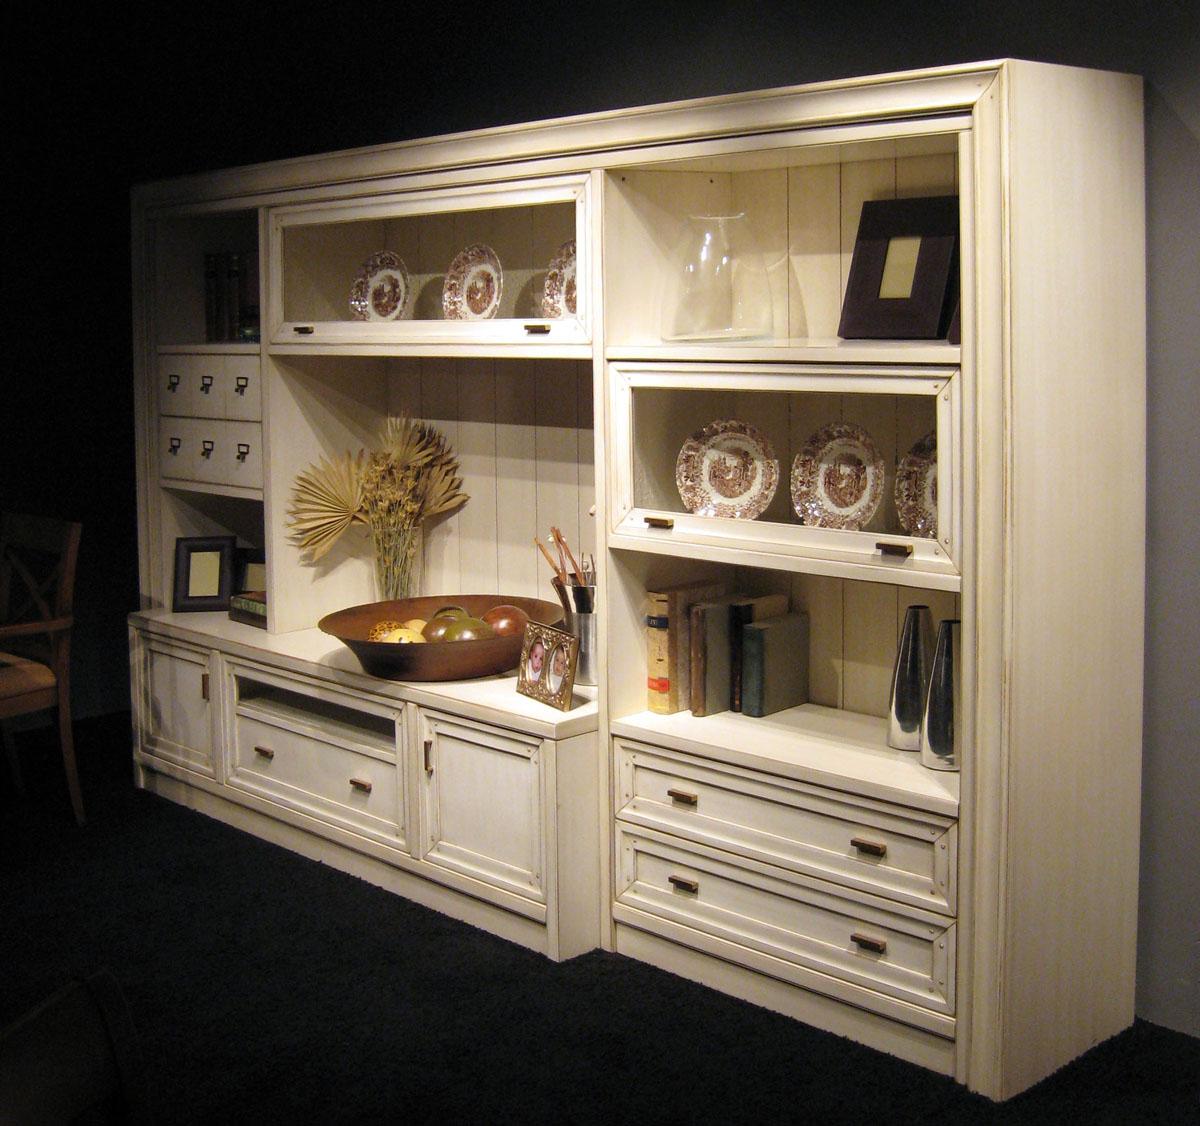 Muebles de yecla obtenga ideas dise o de muebles para su hogar aqu - Fabricas de muebles en yecla ...